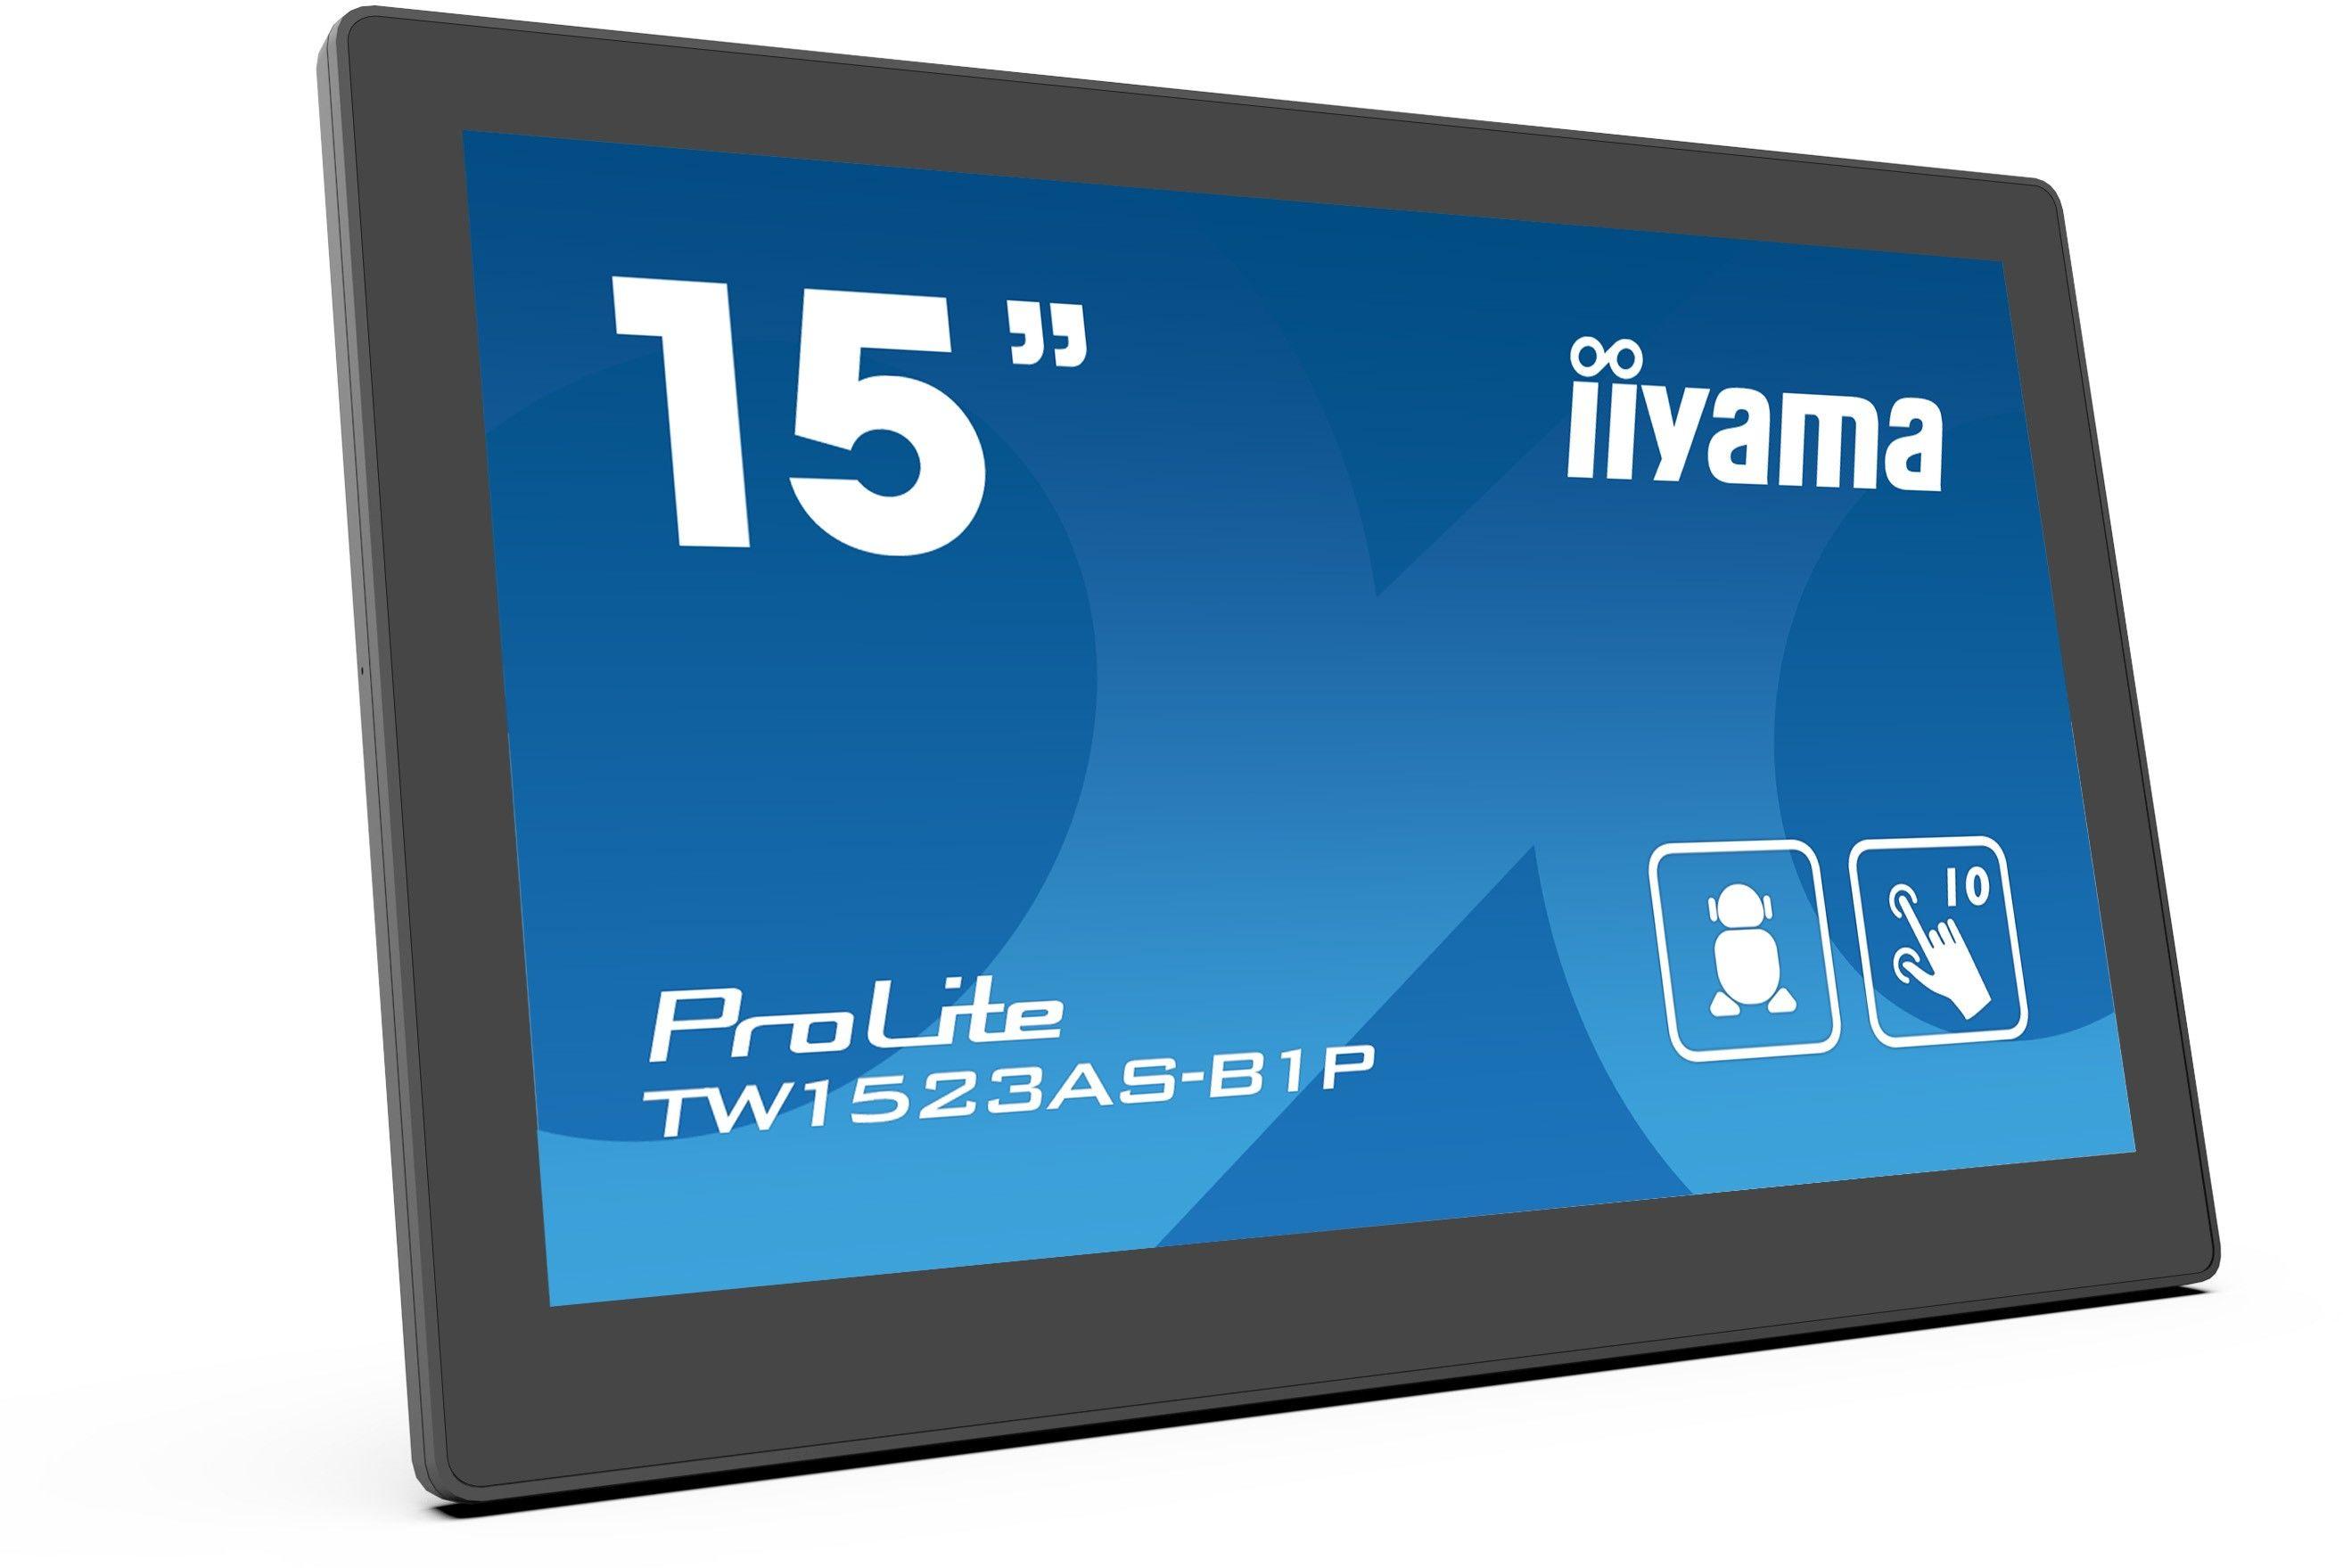 """Monitor dotykowy iiyama ProLite TW1523AS-B1P 15"""", Android, PoE, mikrofon, głośniki + WYSYŁKA W 24H GRATIS !! AUTORYZOWANY SKLEP IIYAMA"""